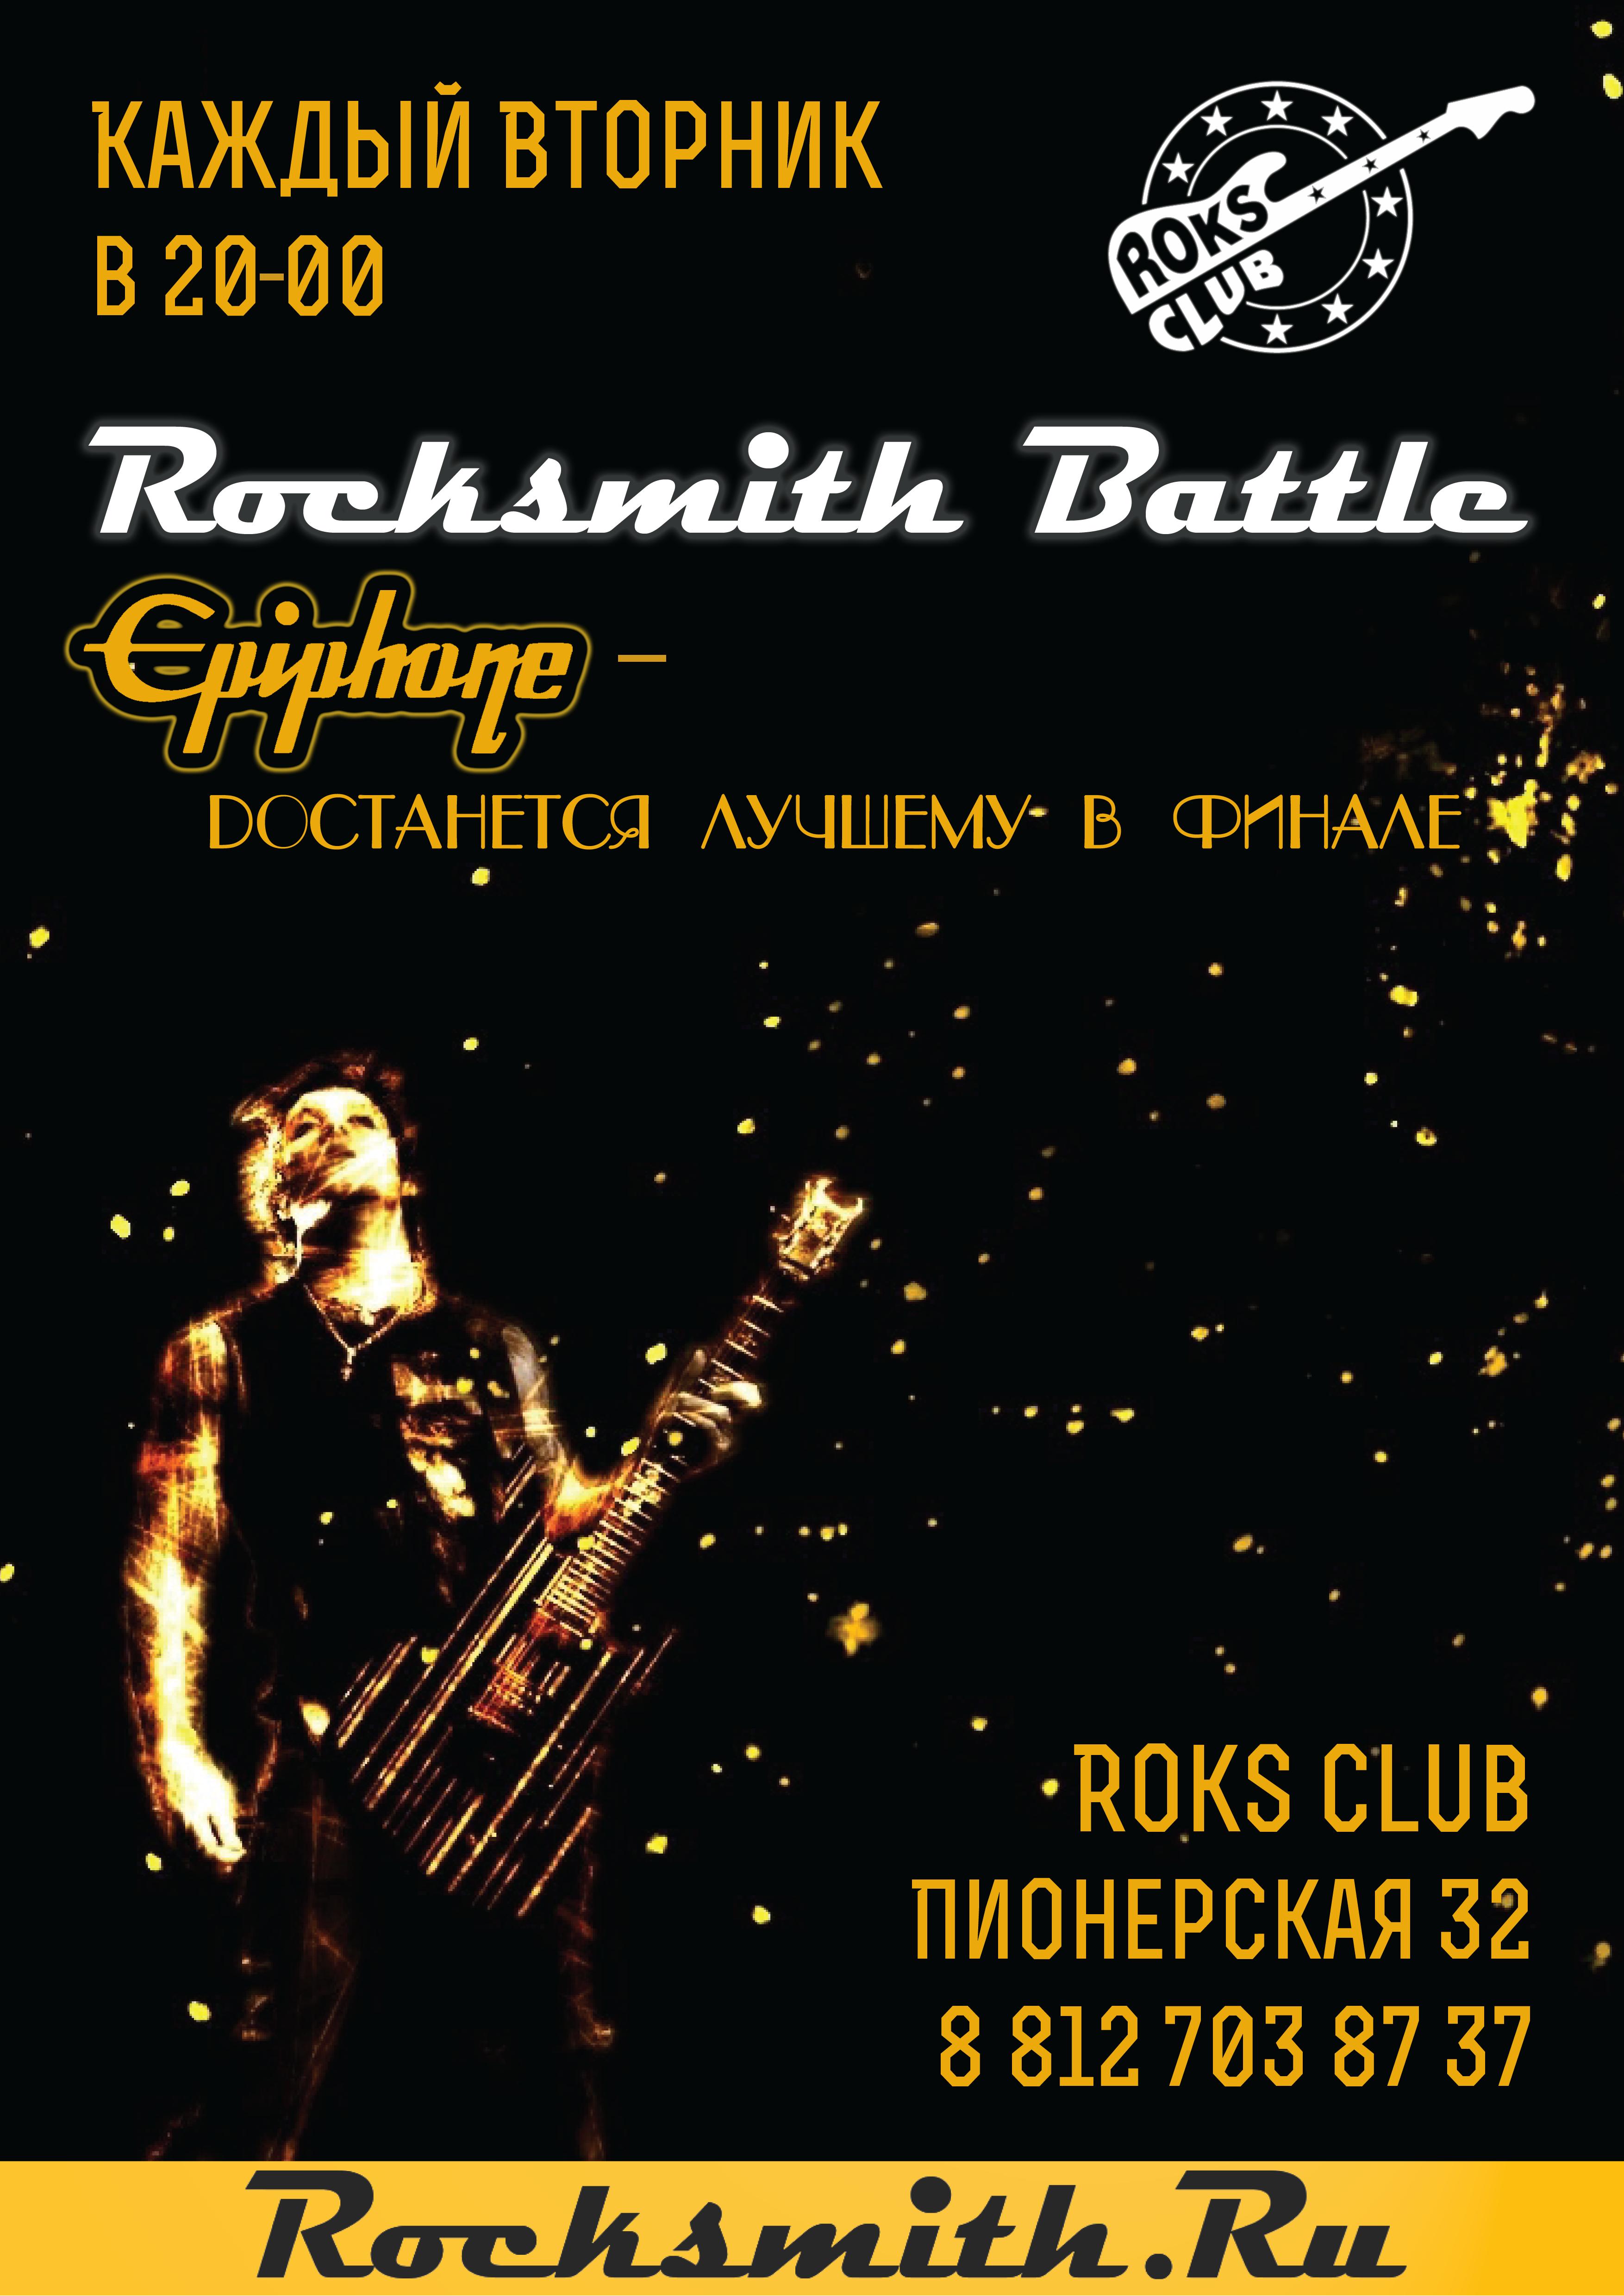 """С 1 октября 2013 года в дополнение к """"Rocksmith Guitar Battle"""" в московском Rock'n'Roll баре (ул. Сретенка, д.1, мет ... - Изображение 1"""